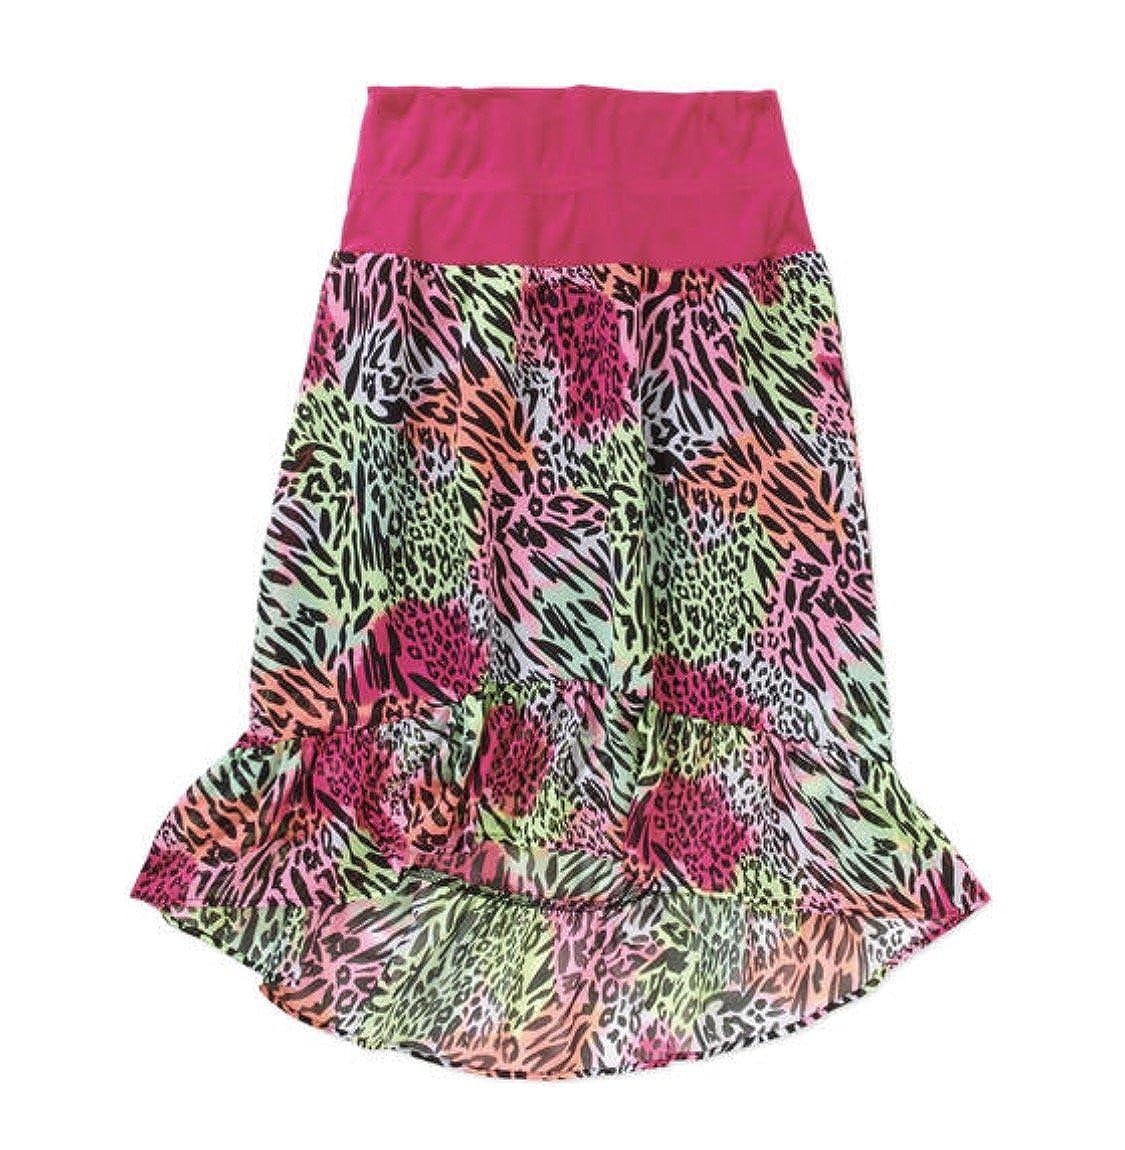 XL Faded Glory Girls Print Chiffon Skirt 14-16